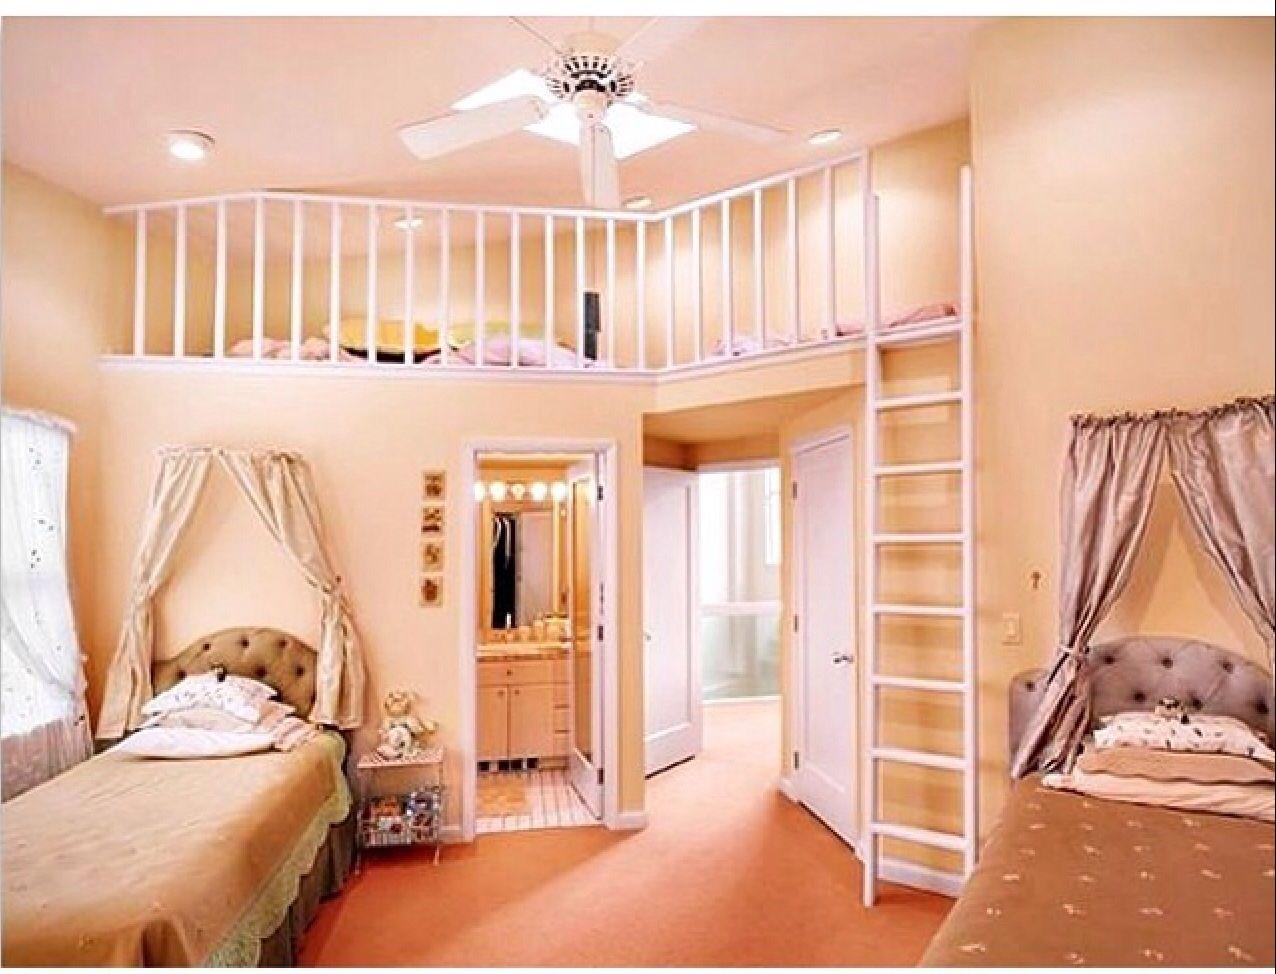 Teenage loft bed ideas  Dream room  my bedroom  Pinterest  Dream rooms Room and Room ideas